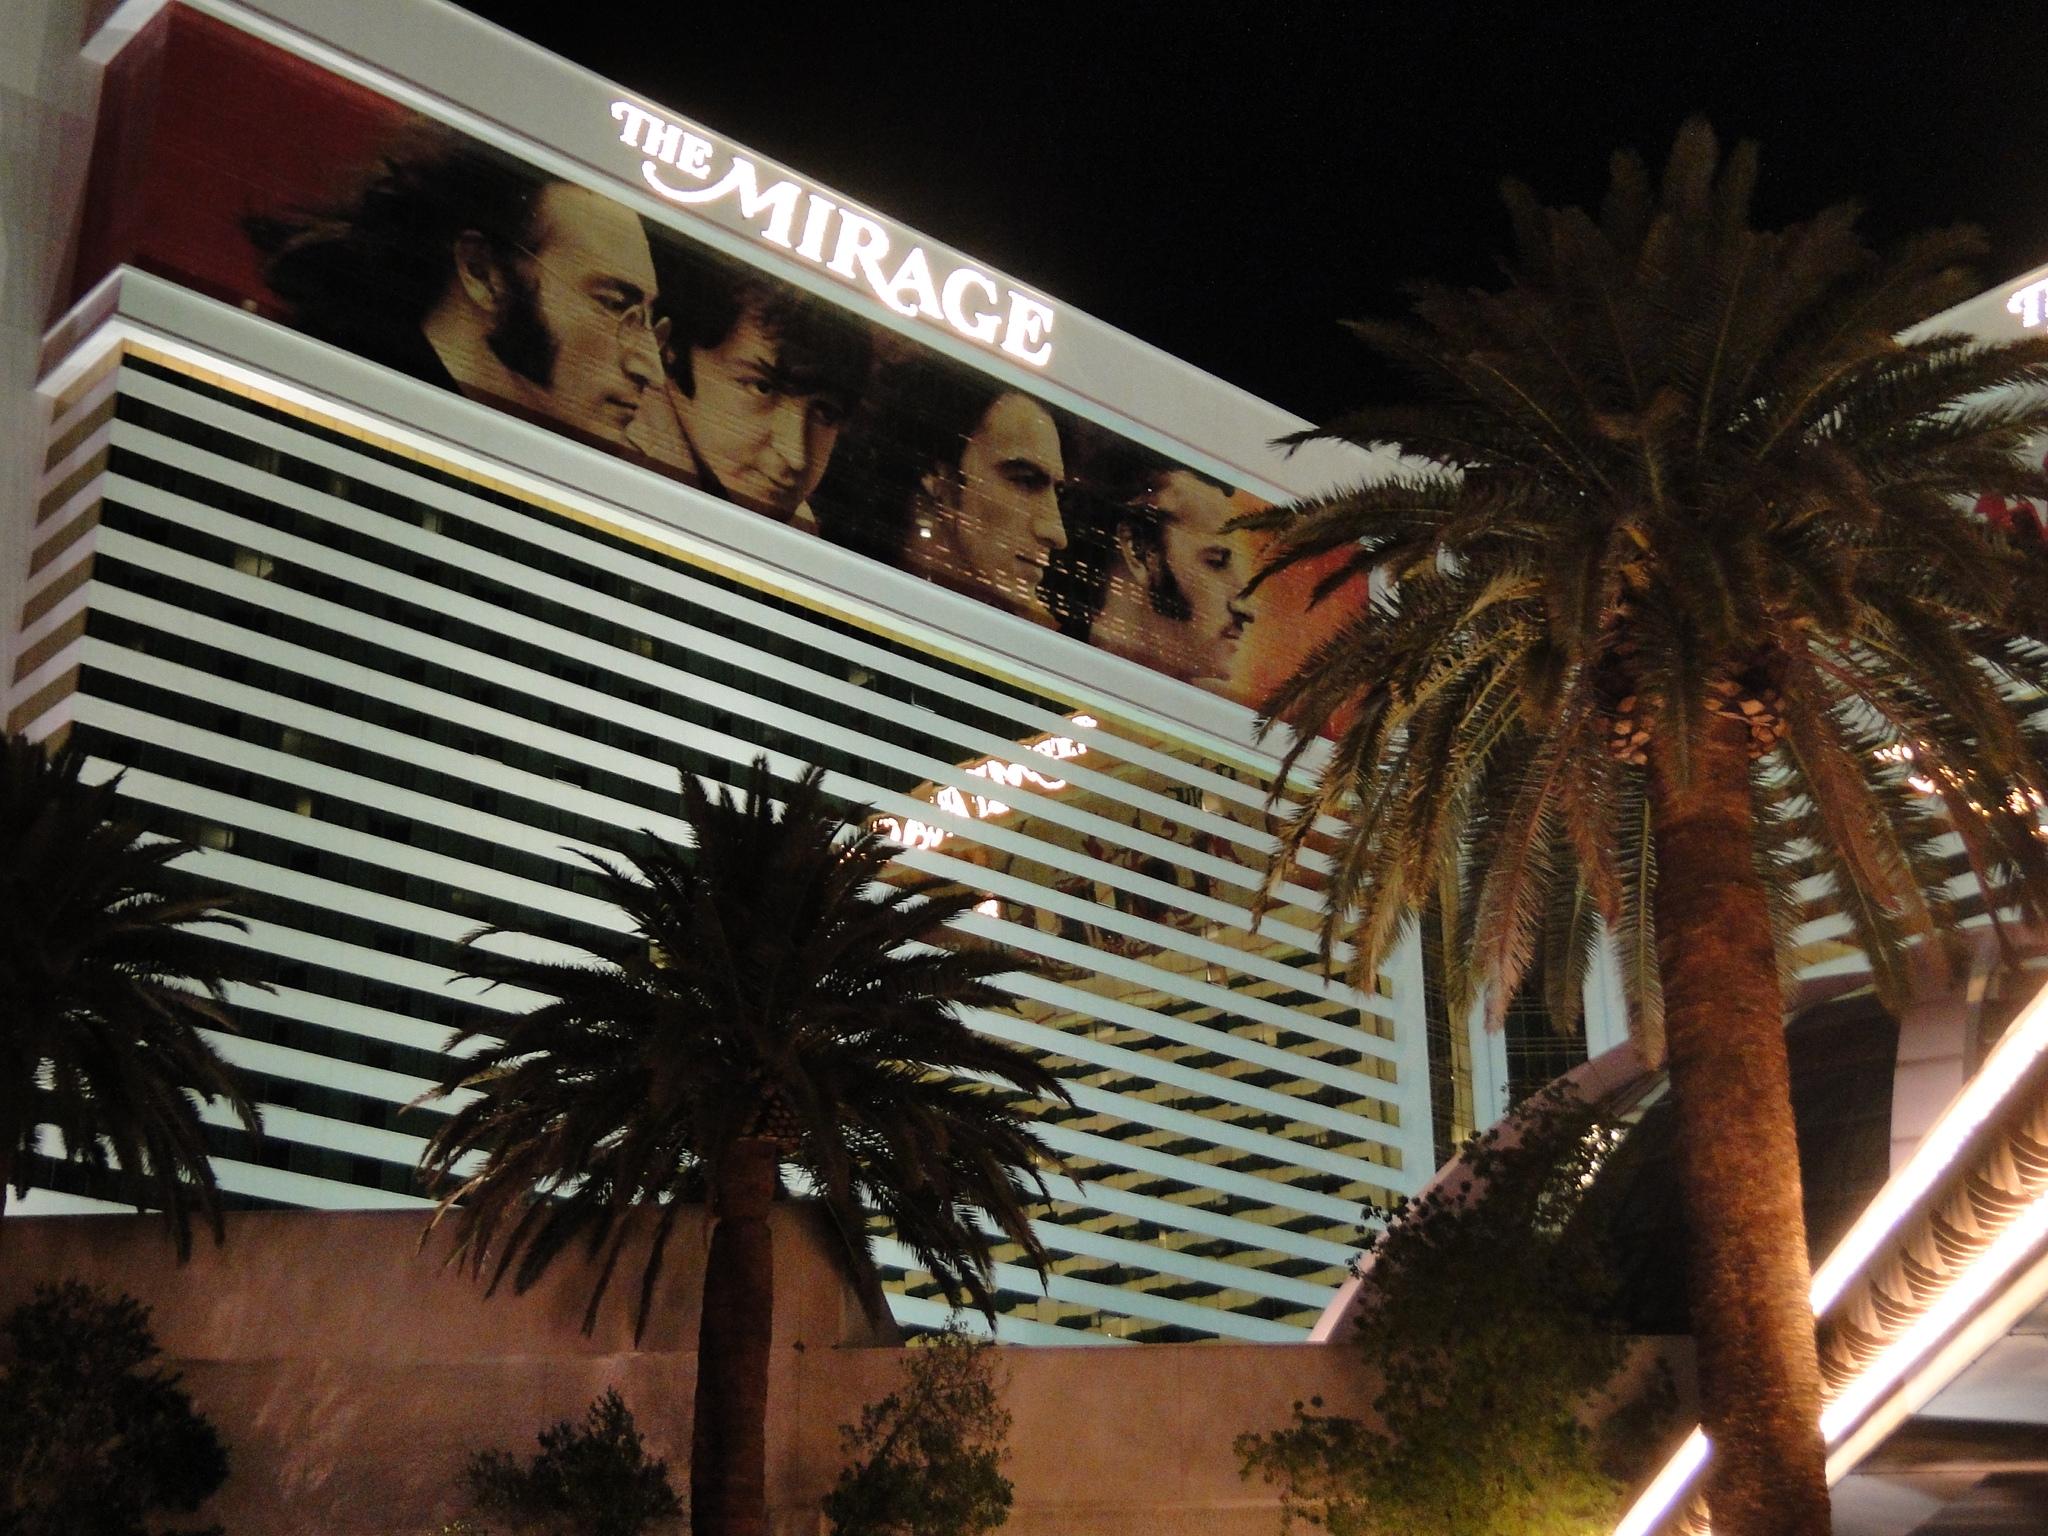 Vegas Mirage